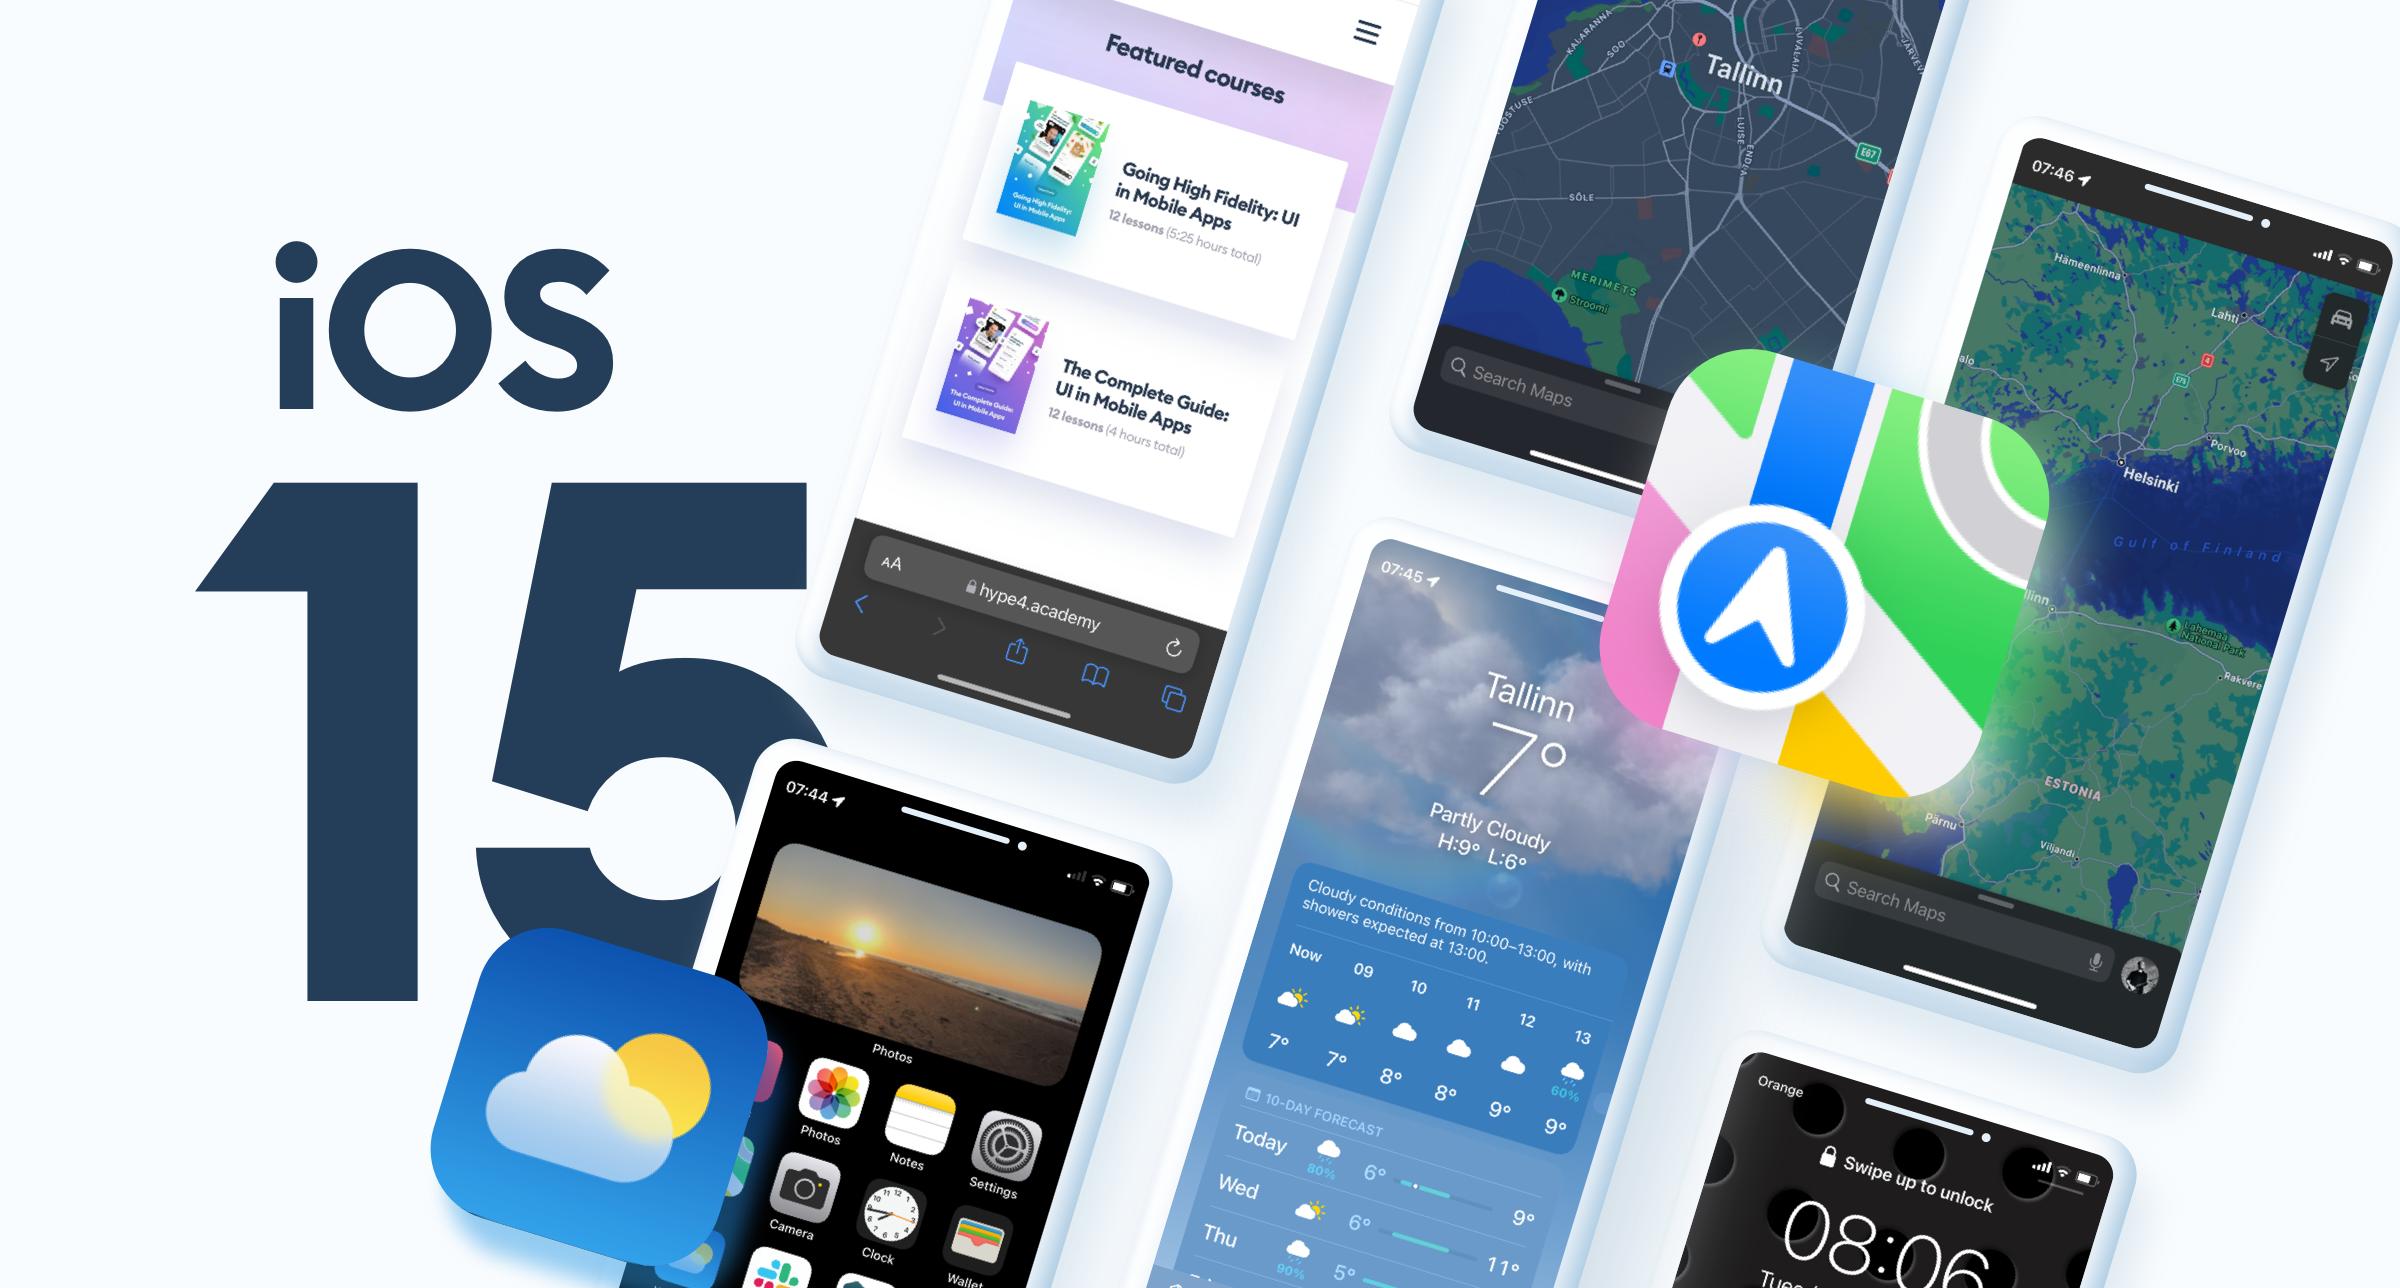 iOS 15 UI Design changes